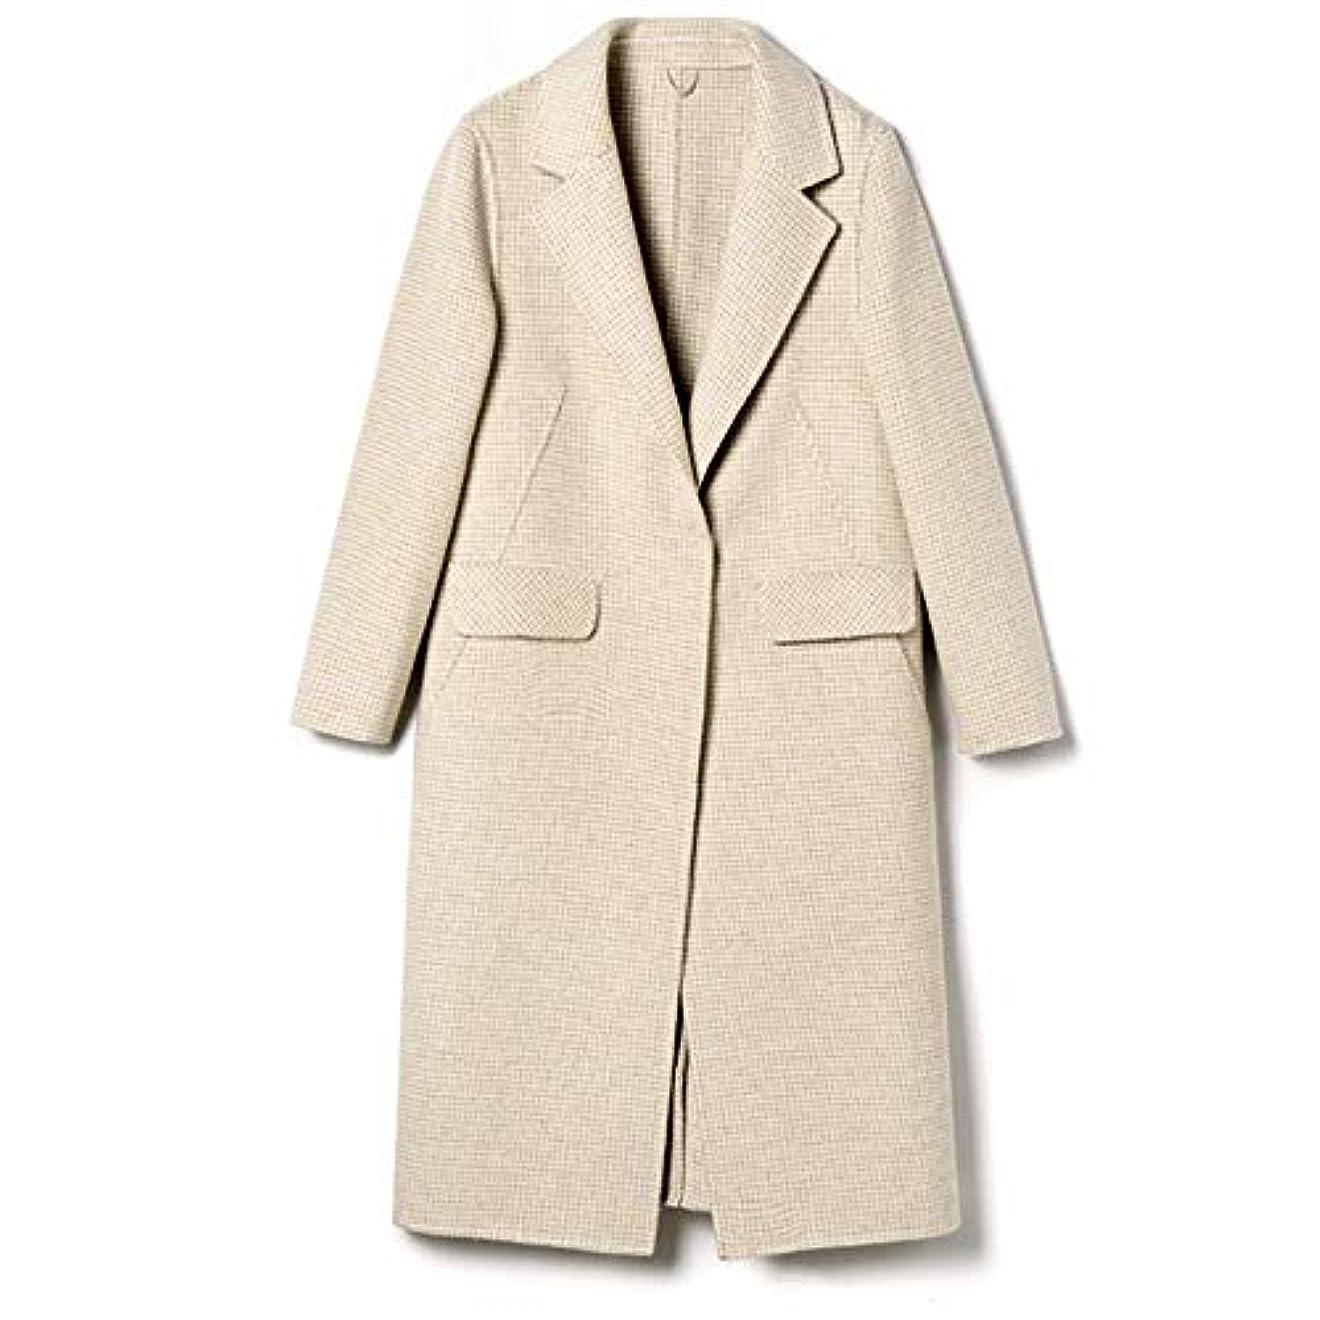 きしむ呪いチケット秋と冬の新しいウールコート、ハンドメイド両面カシミヤコート長いセクションの女性ウールコートレディースジャケットレディースウインドブレーカージャケット,C,XL